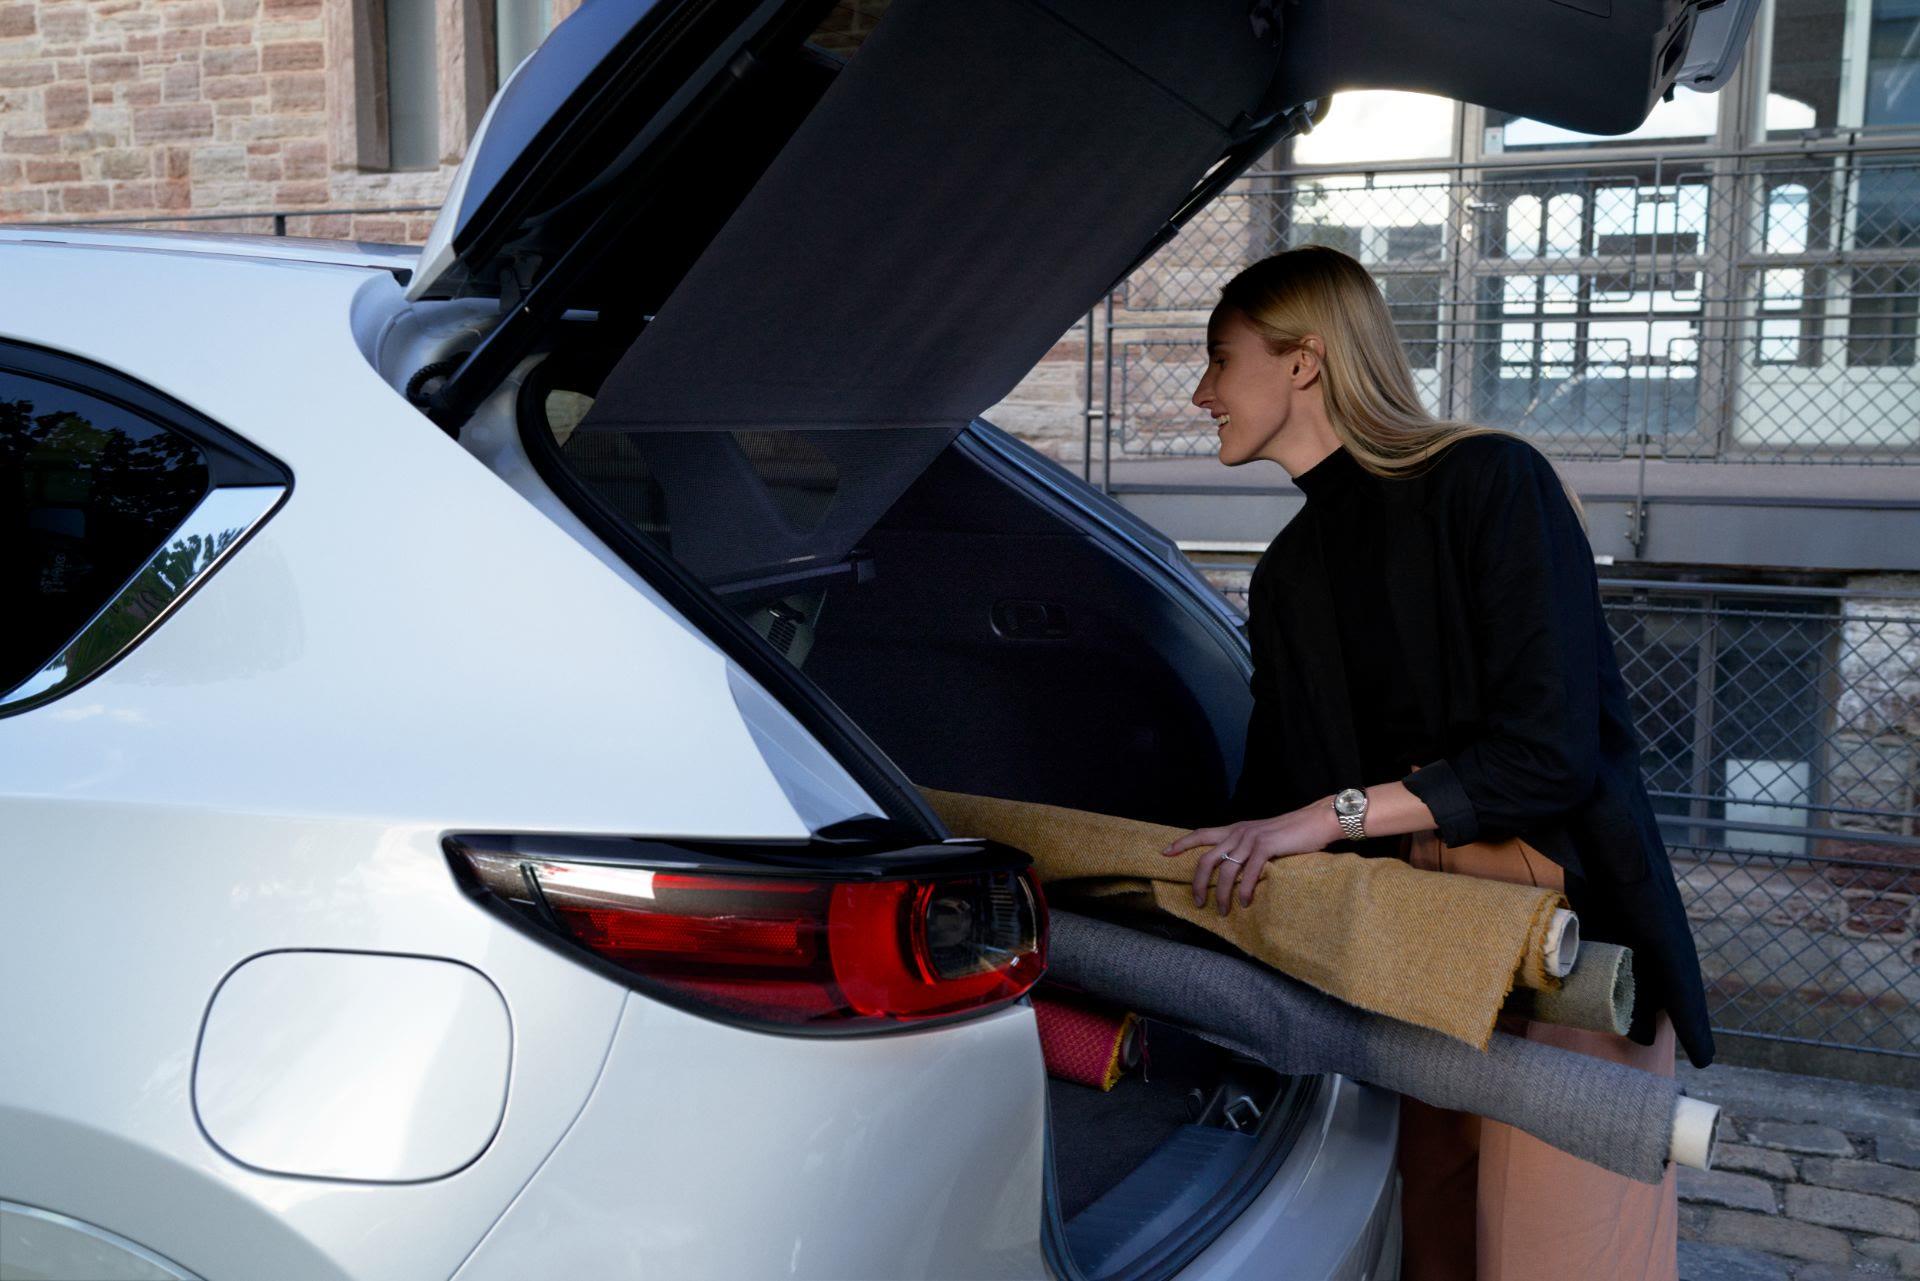 全新魂动SUV,2022小改款马自达CX-5优雅亮相